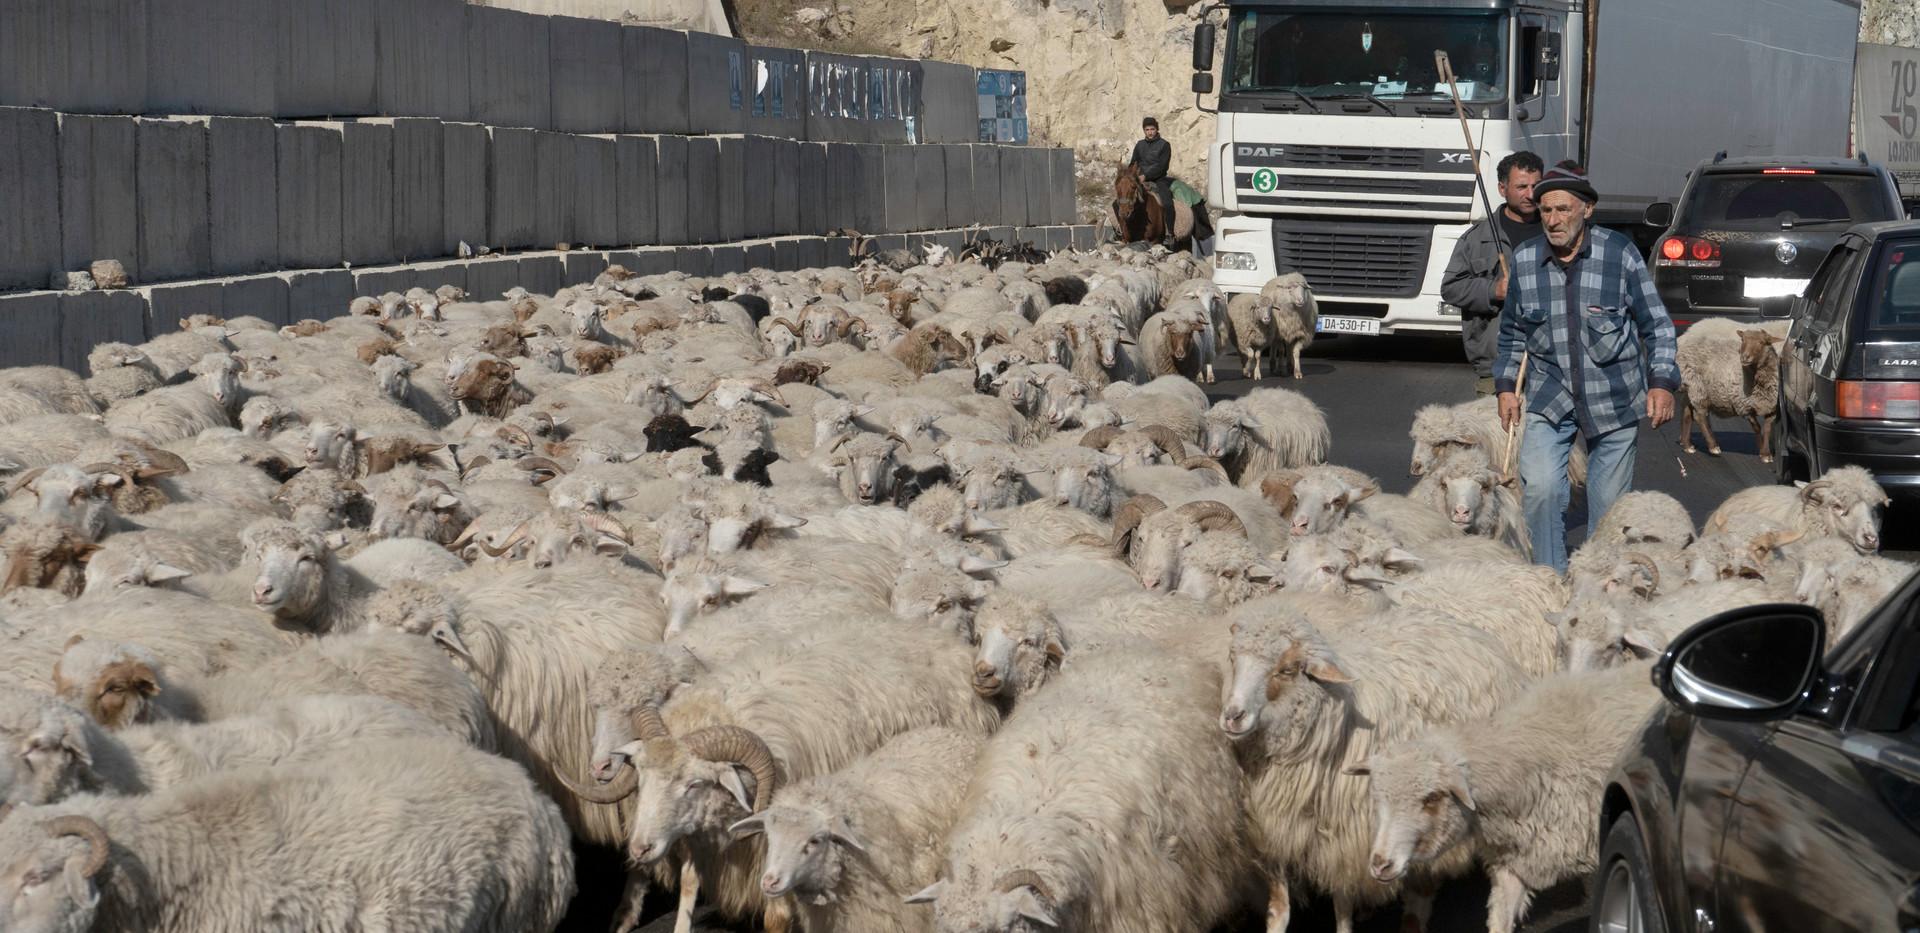 Mit tierischem Gegenverkehr ist auf der georgischen Heerstraße immer zu rechnen